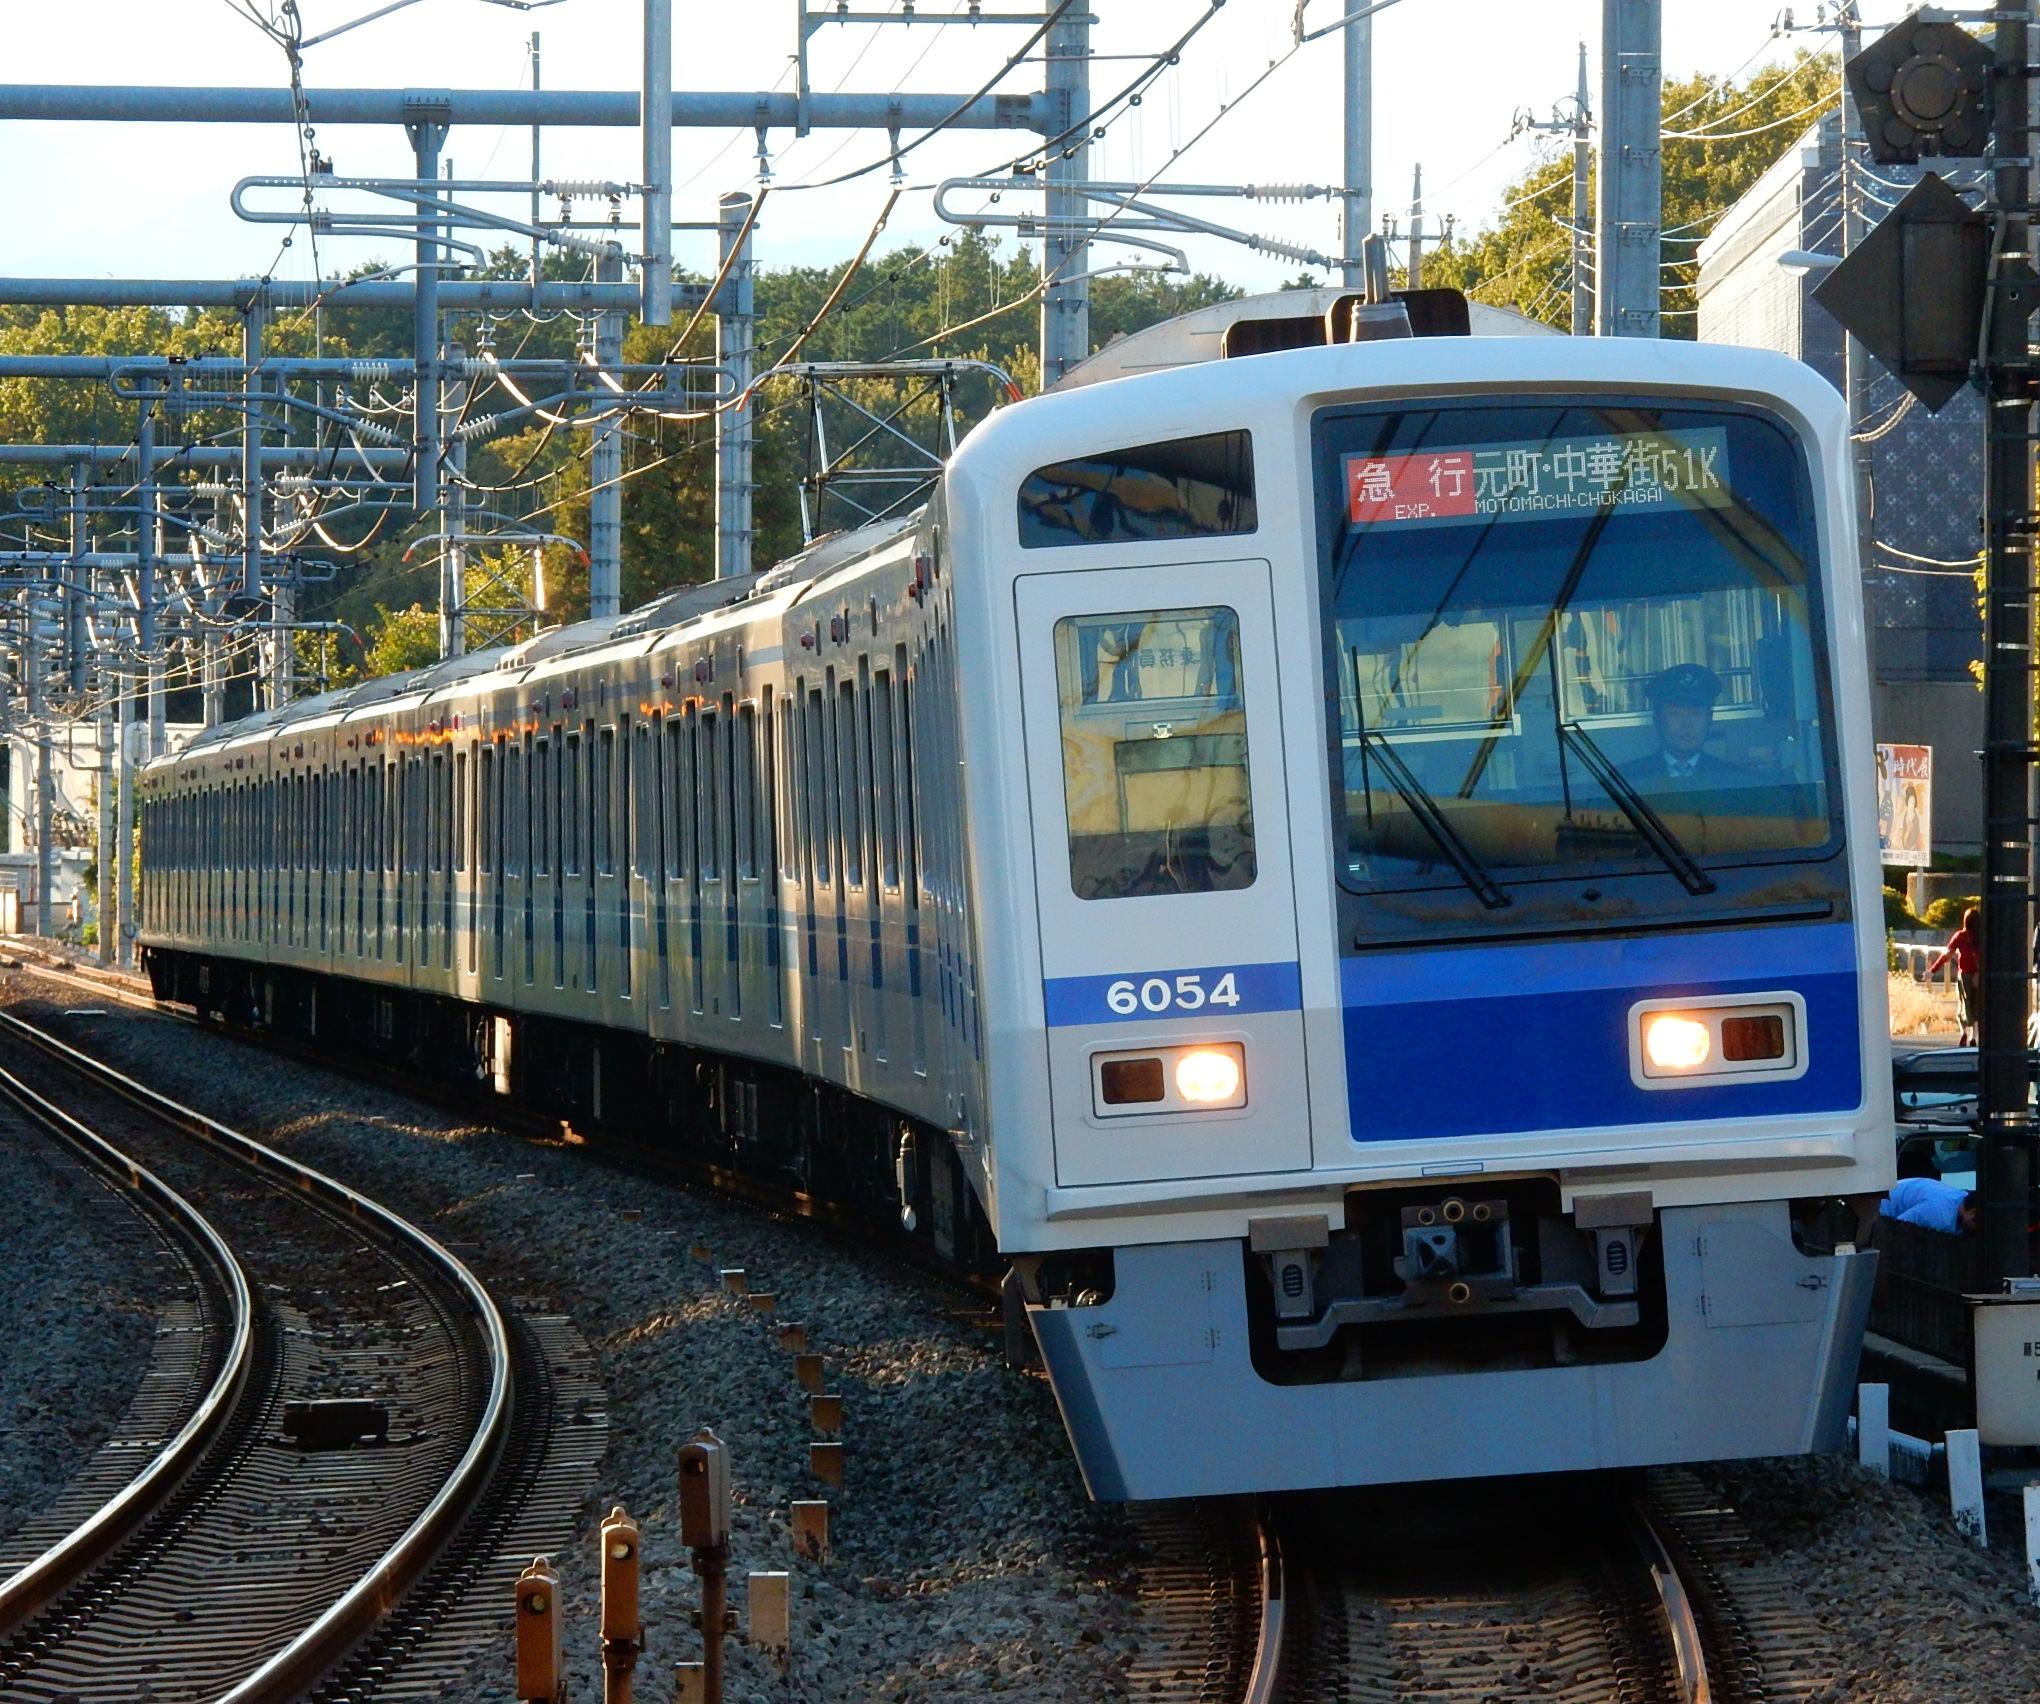 DSCN7935.jpg